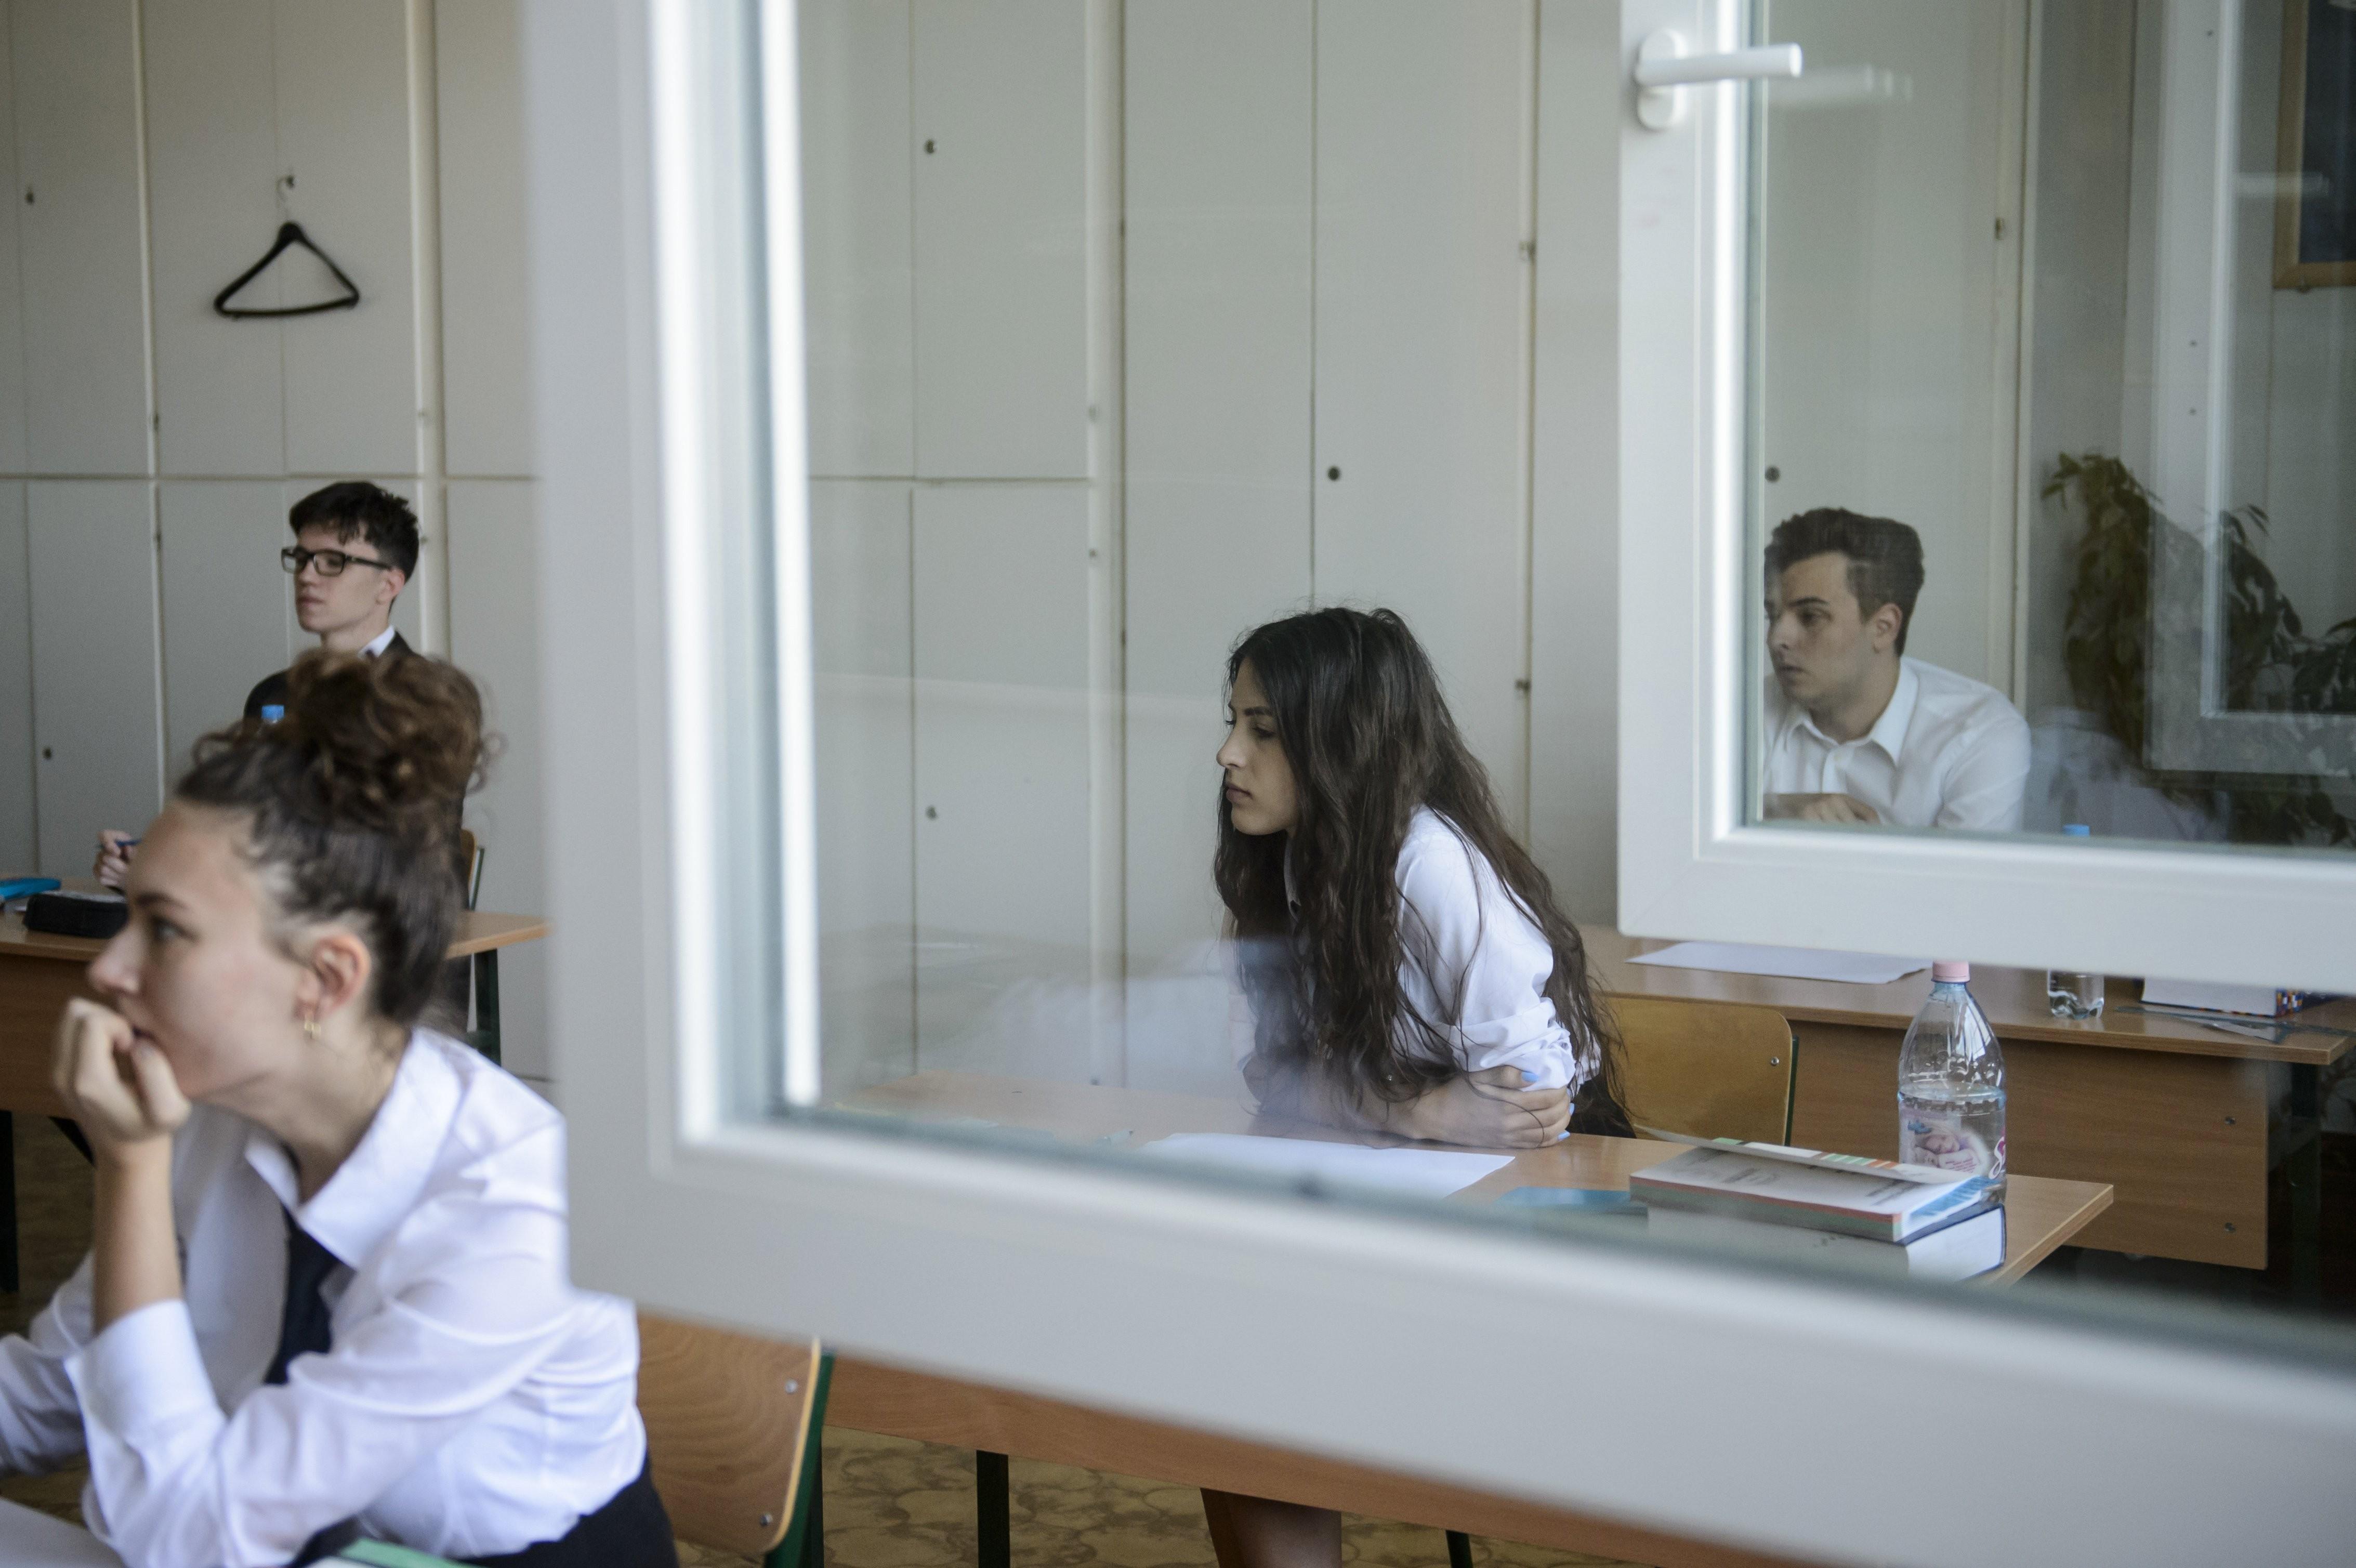 Érettségi - Szerdán elkezdődtek a szóbeli érettségi vizsgák